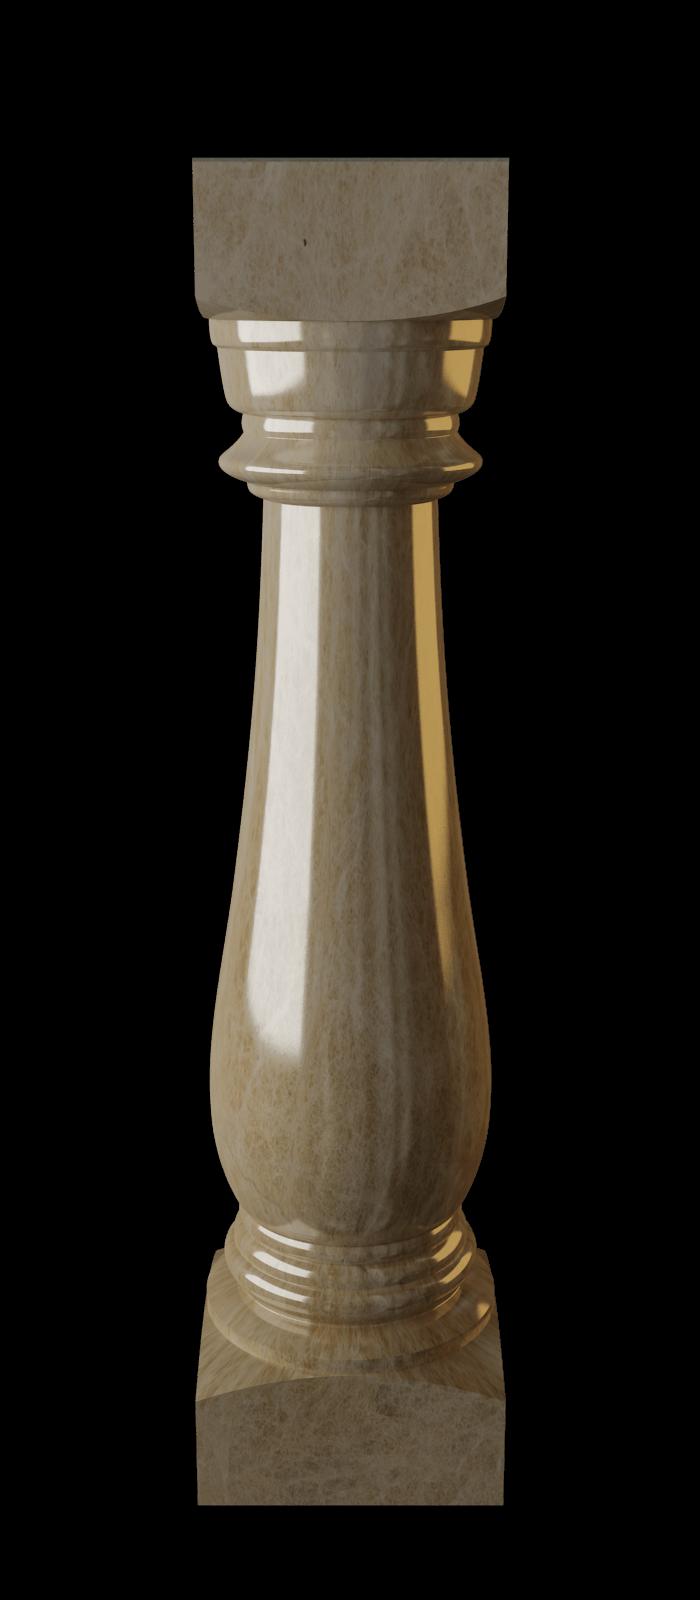 Emperador Light фото 6 — камень от Bevers Marmyr